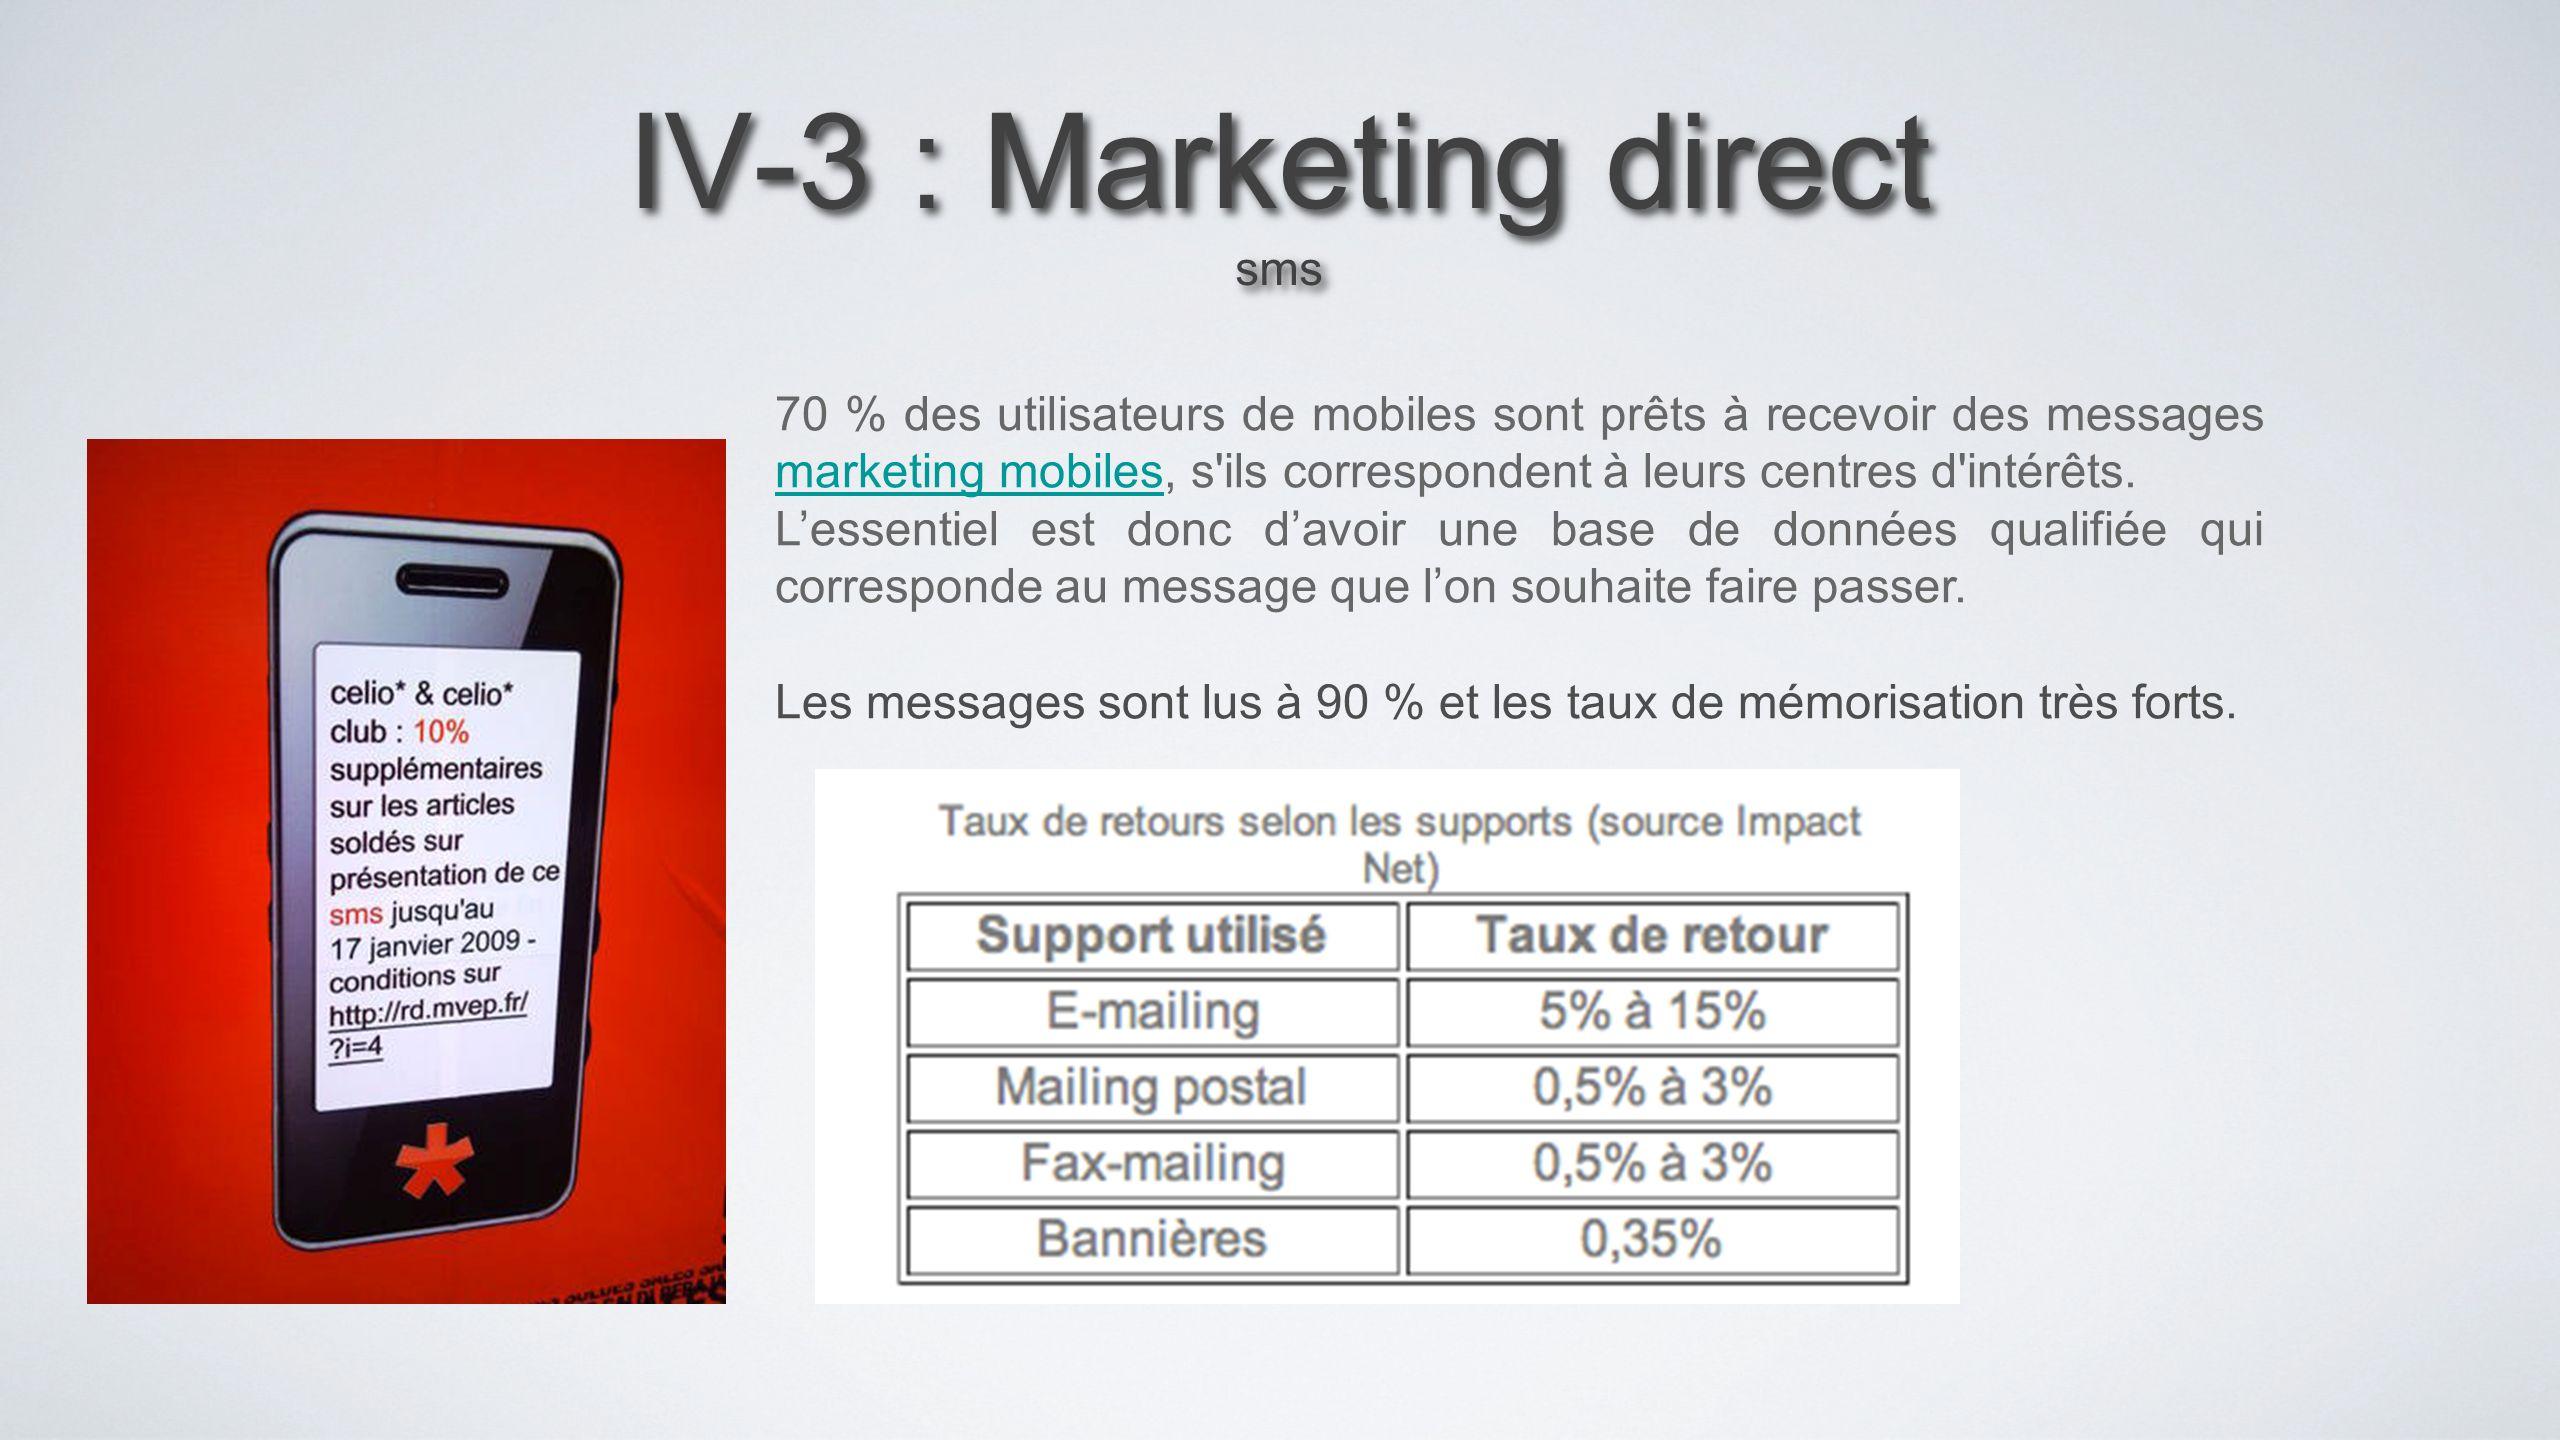 IV-3 : Marketing direct sms 70 % des utilisateurs de mobiles sont prêts à recevoir des messages marketing mobiles, s'ils correspondent à leurs centres